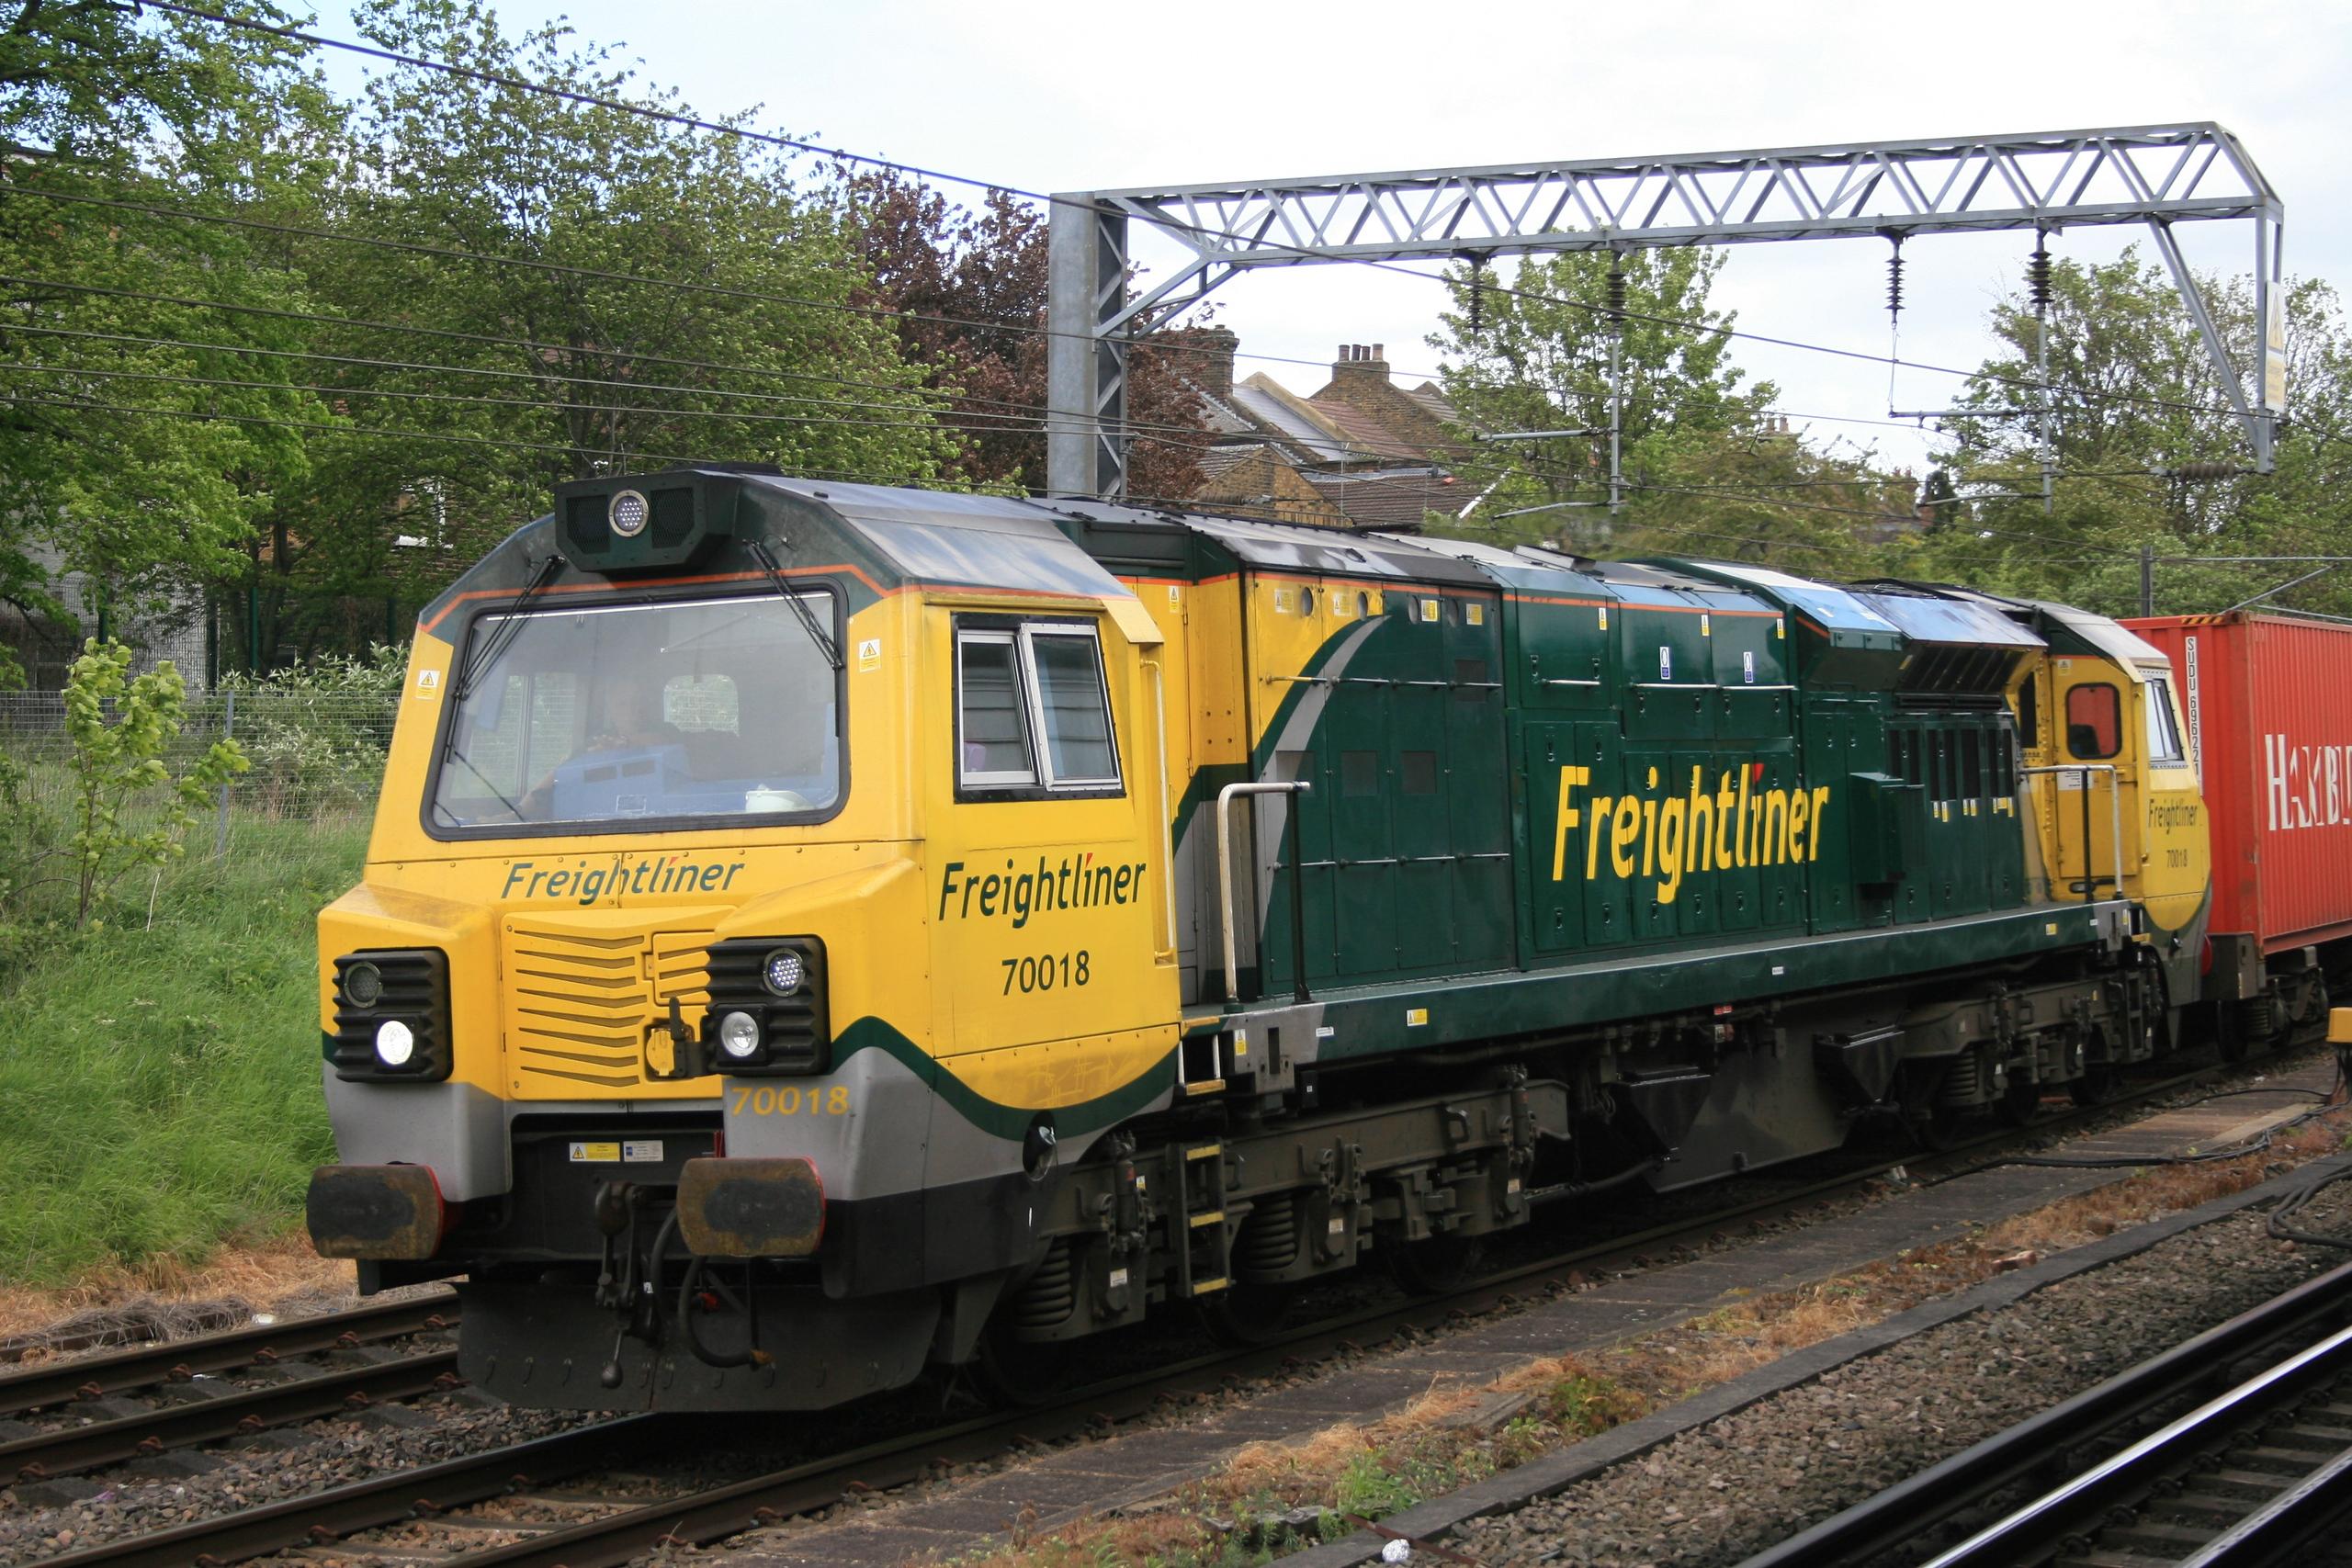 70018_WillesdenJcn_05052015 (10)_freightliner